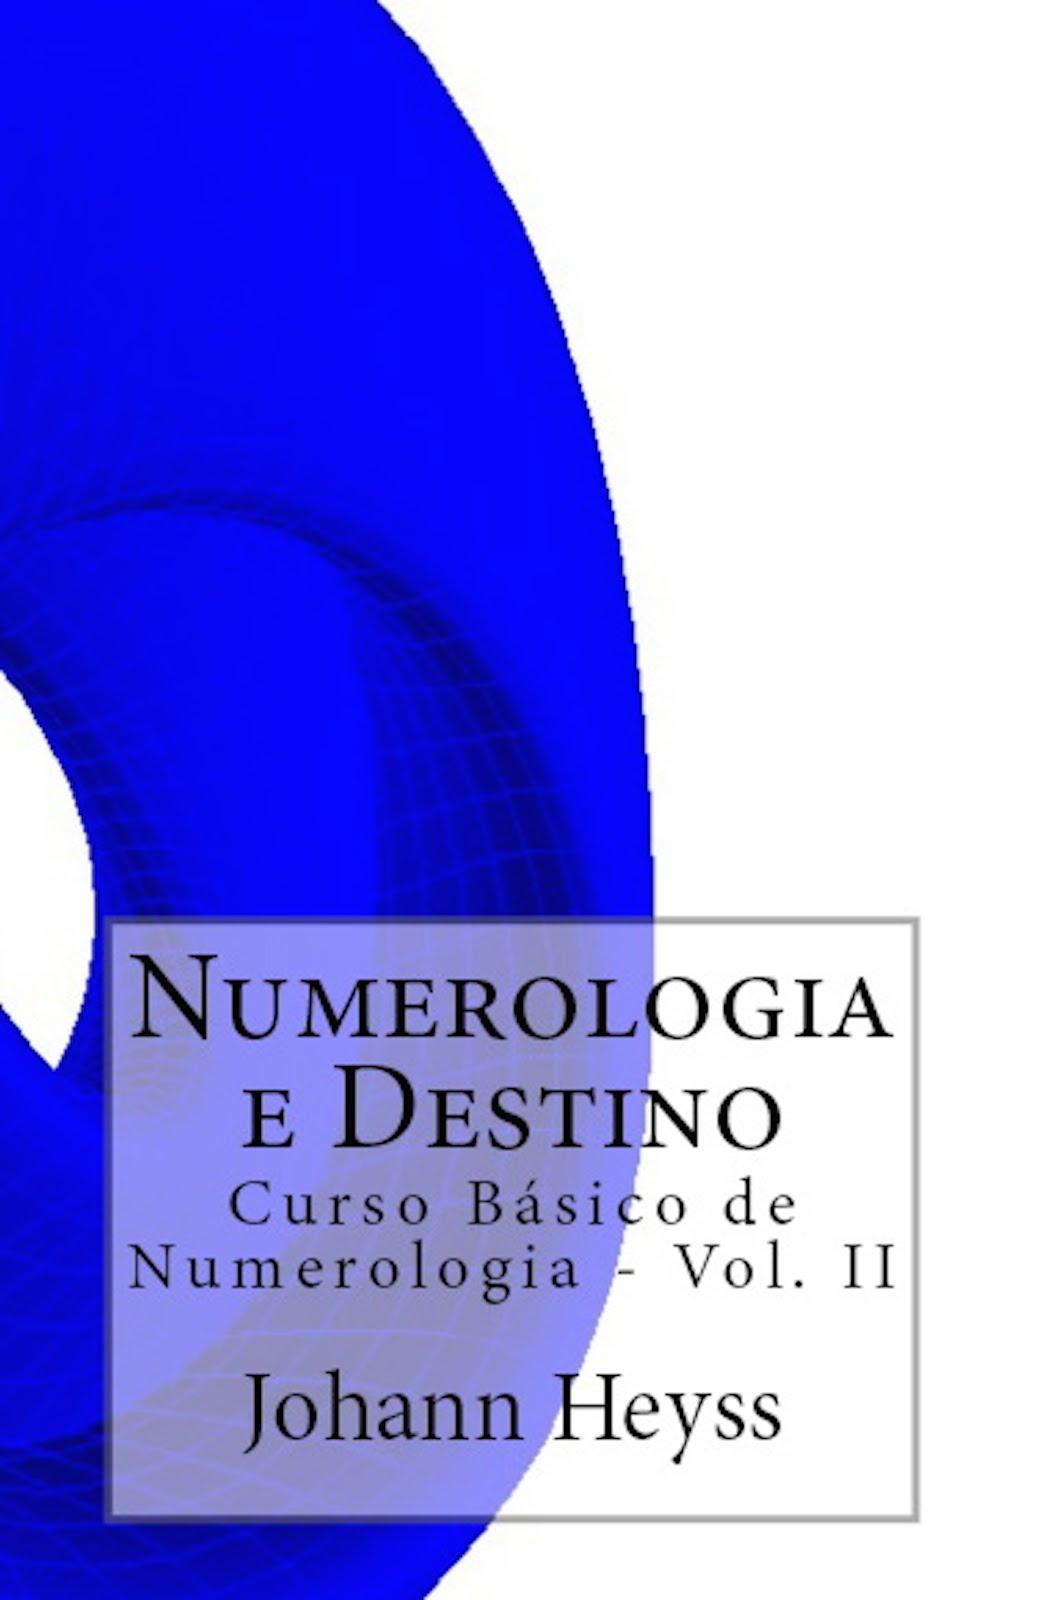 Numerologia e destino